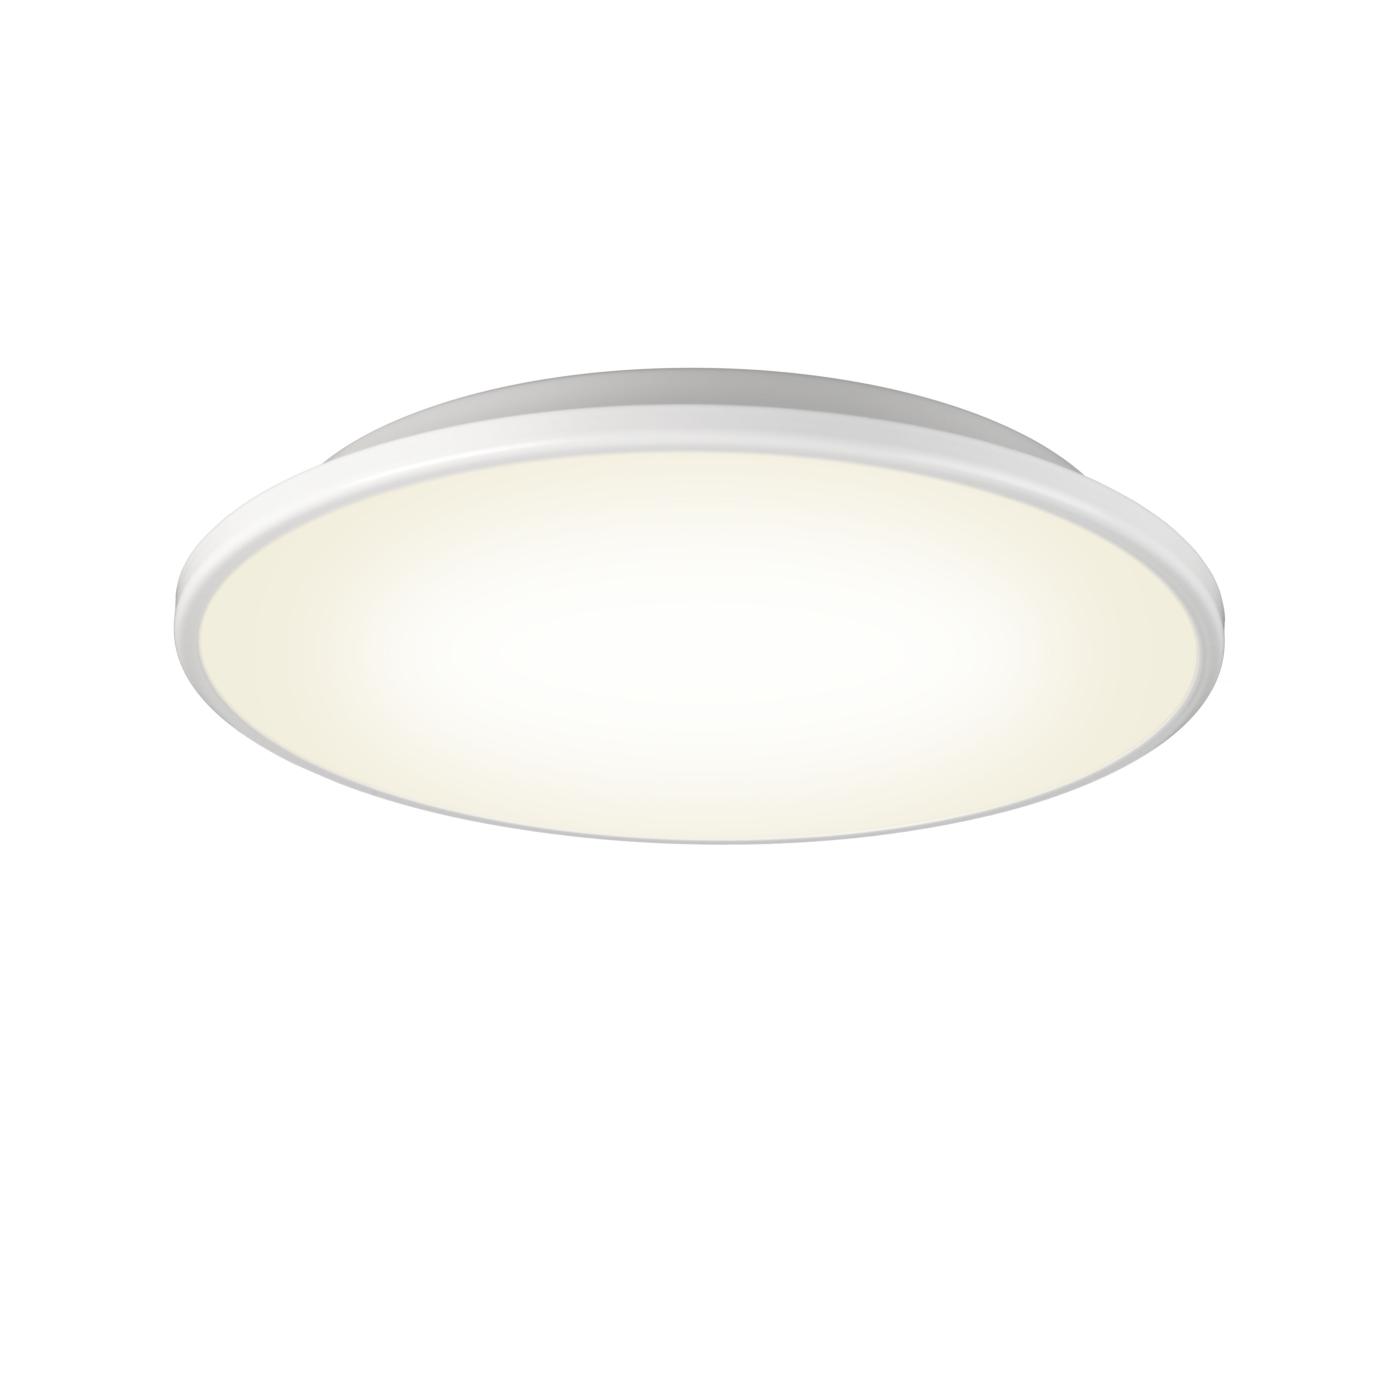 Taklampa Disc plafond, Örsjö belysning